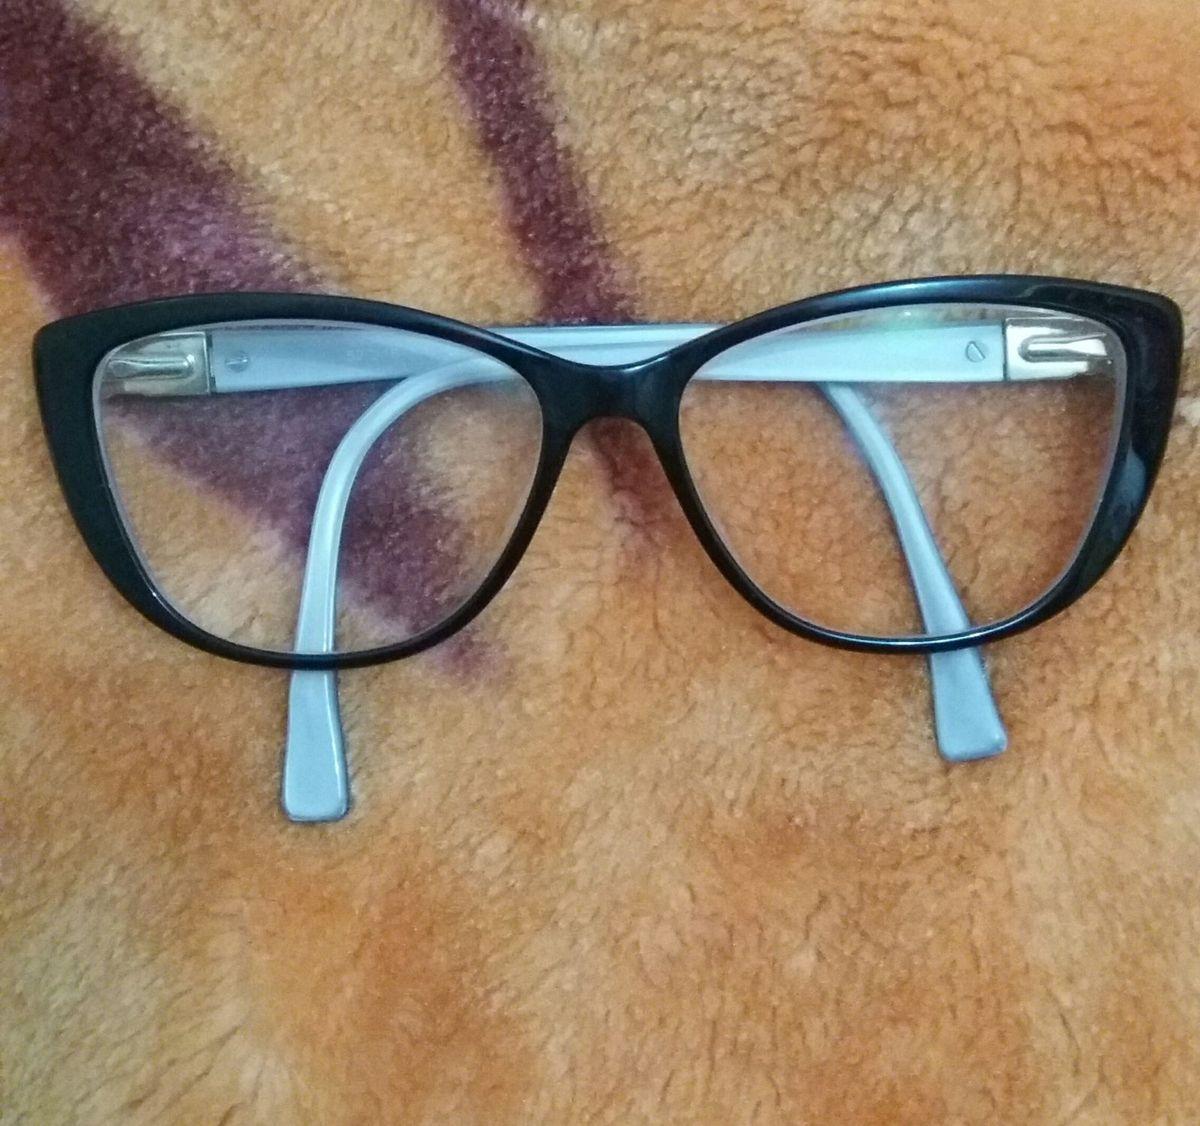 8914f0b88da53 armação de grau estilo gatinho - óculos firmato.  Czm6ly9wag90b3muzw5qb2vplmnvbs5ici9wcm9kdwn0cy82ntyzodqzl2ewythhodyxzjg1zwe1ywzhywmzogiznjvindhmzte1lmpwzw  ...